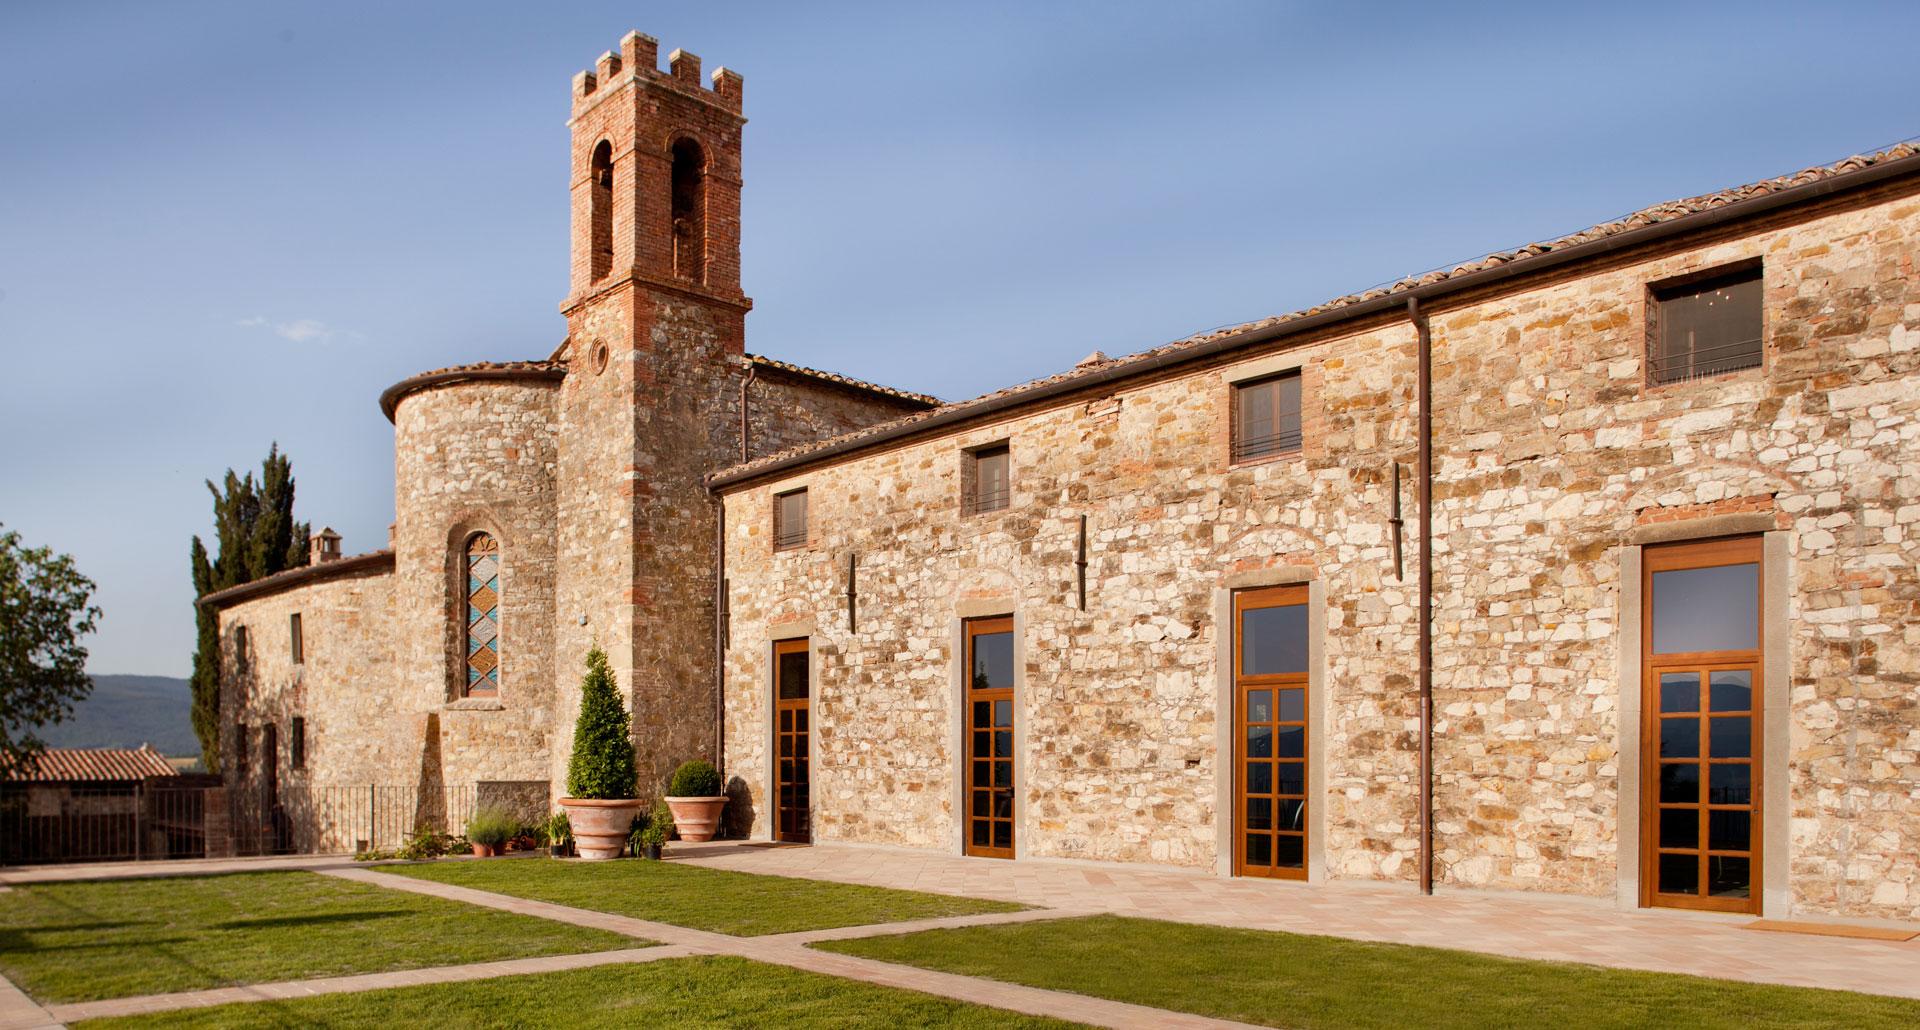 Belmond Castello Di Casole - boutique hotel in Siena